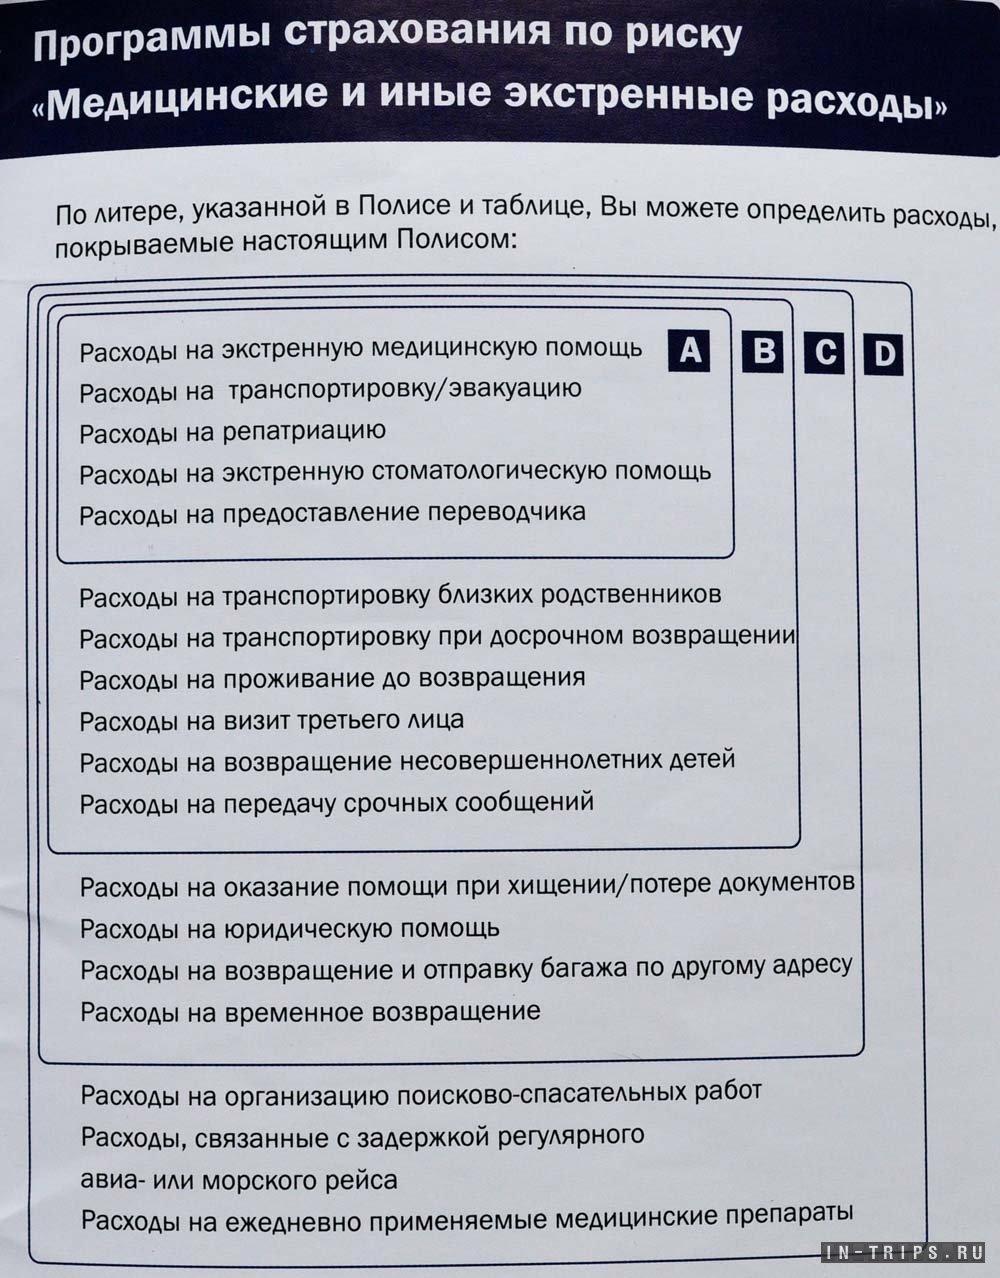 Медицинская страховка для выезда зарубеж санкт-петербург медицинская сантехника в санкт-петербурге